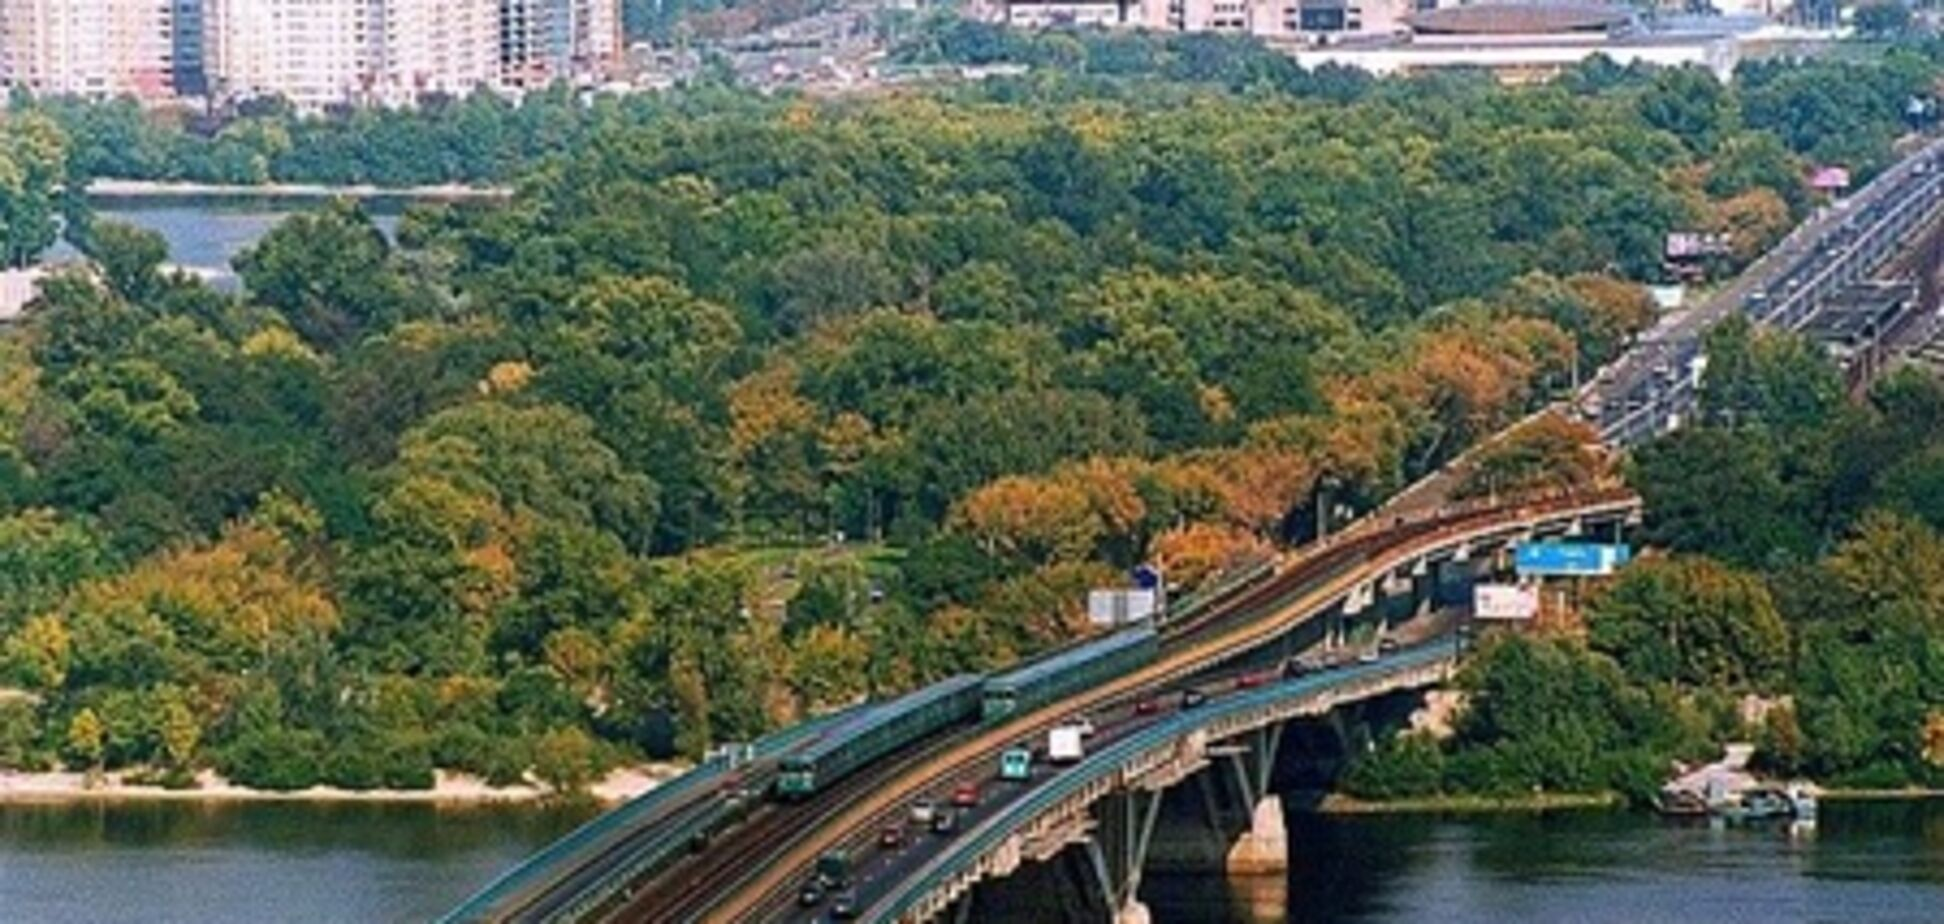 В следующем году планируют отремонтировать мост Метро